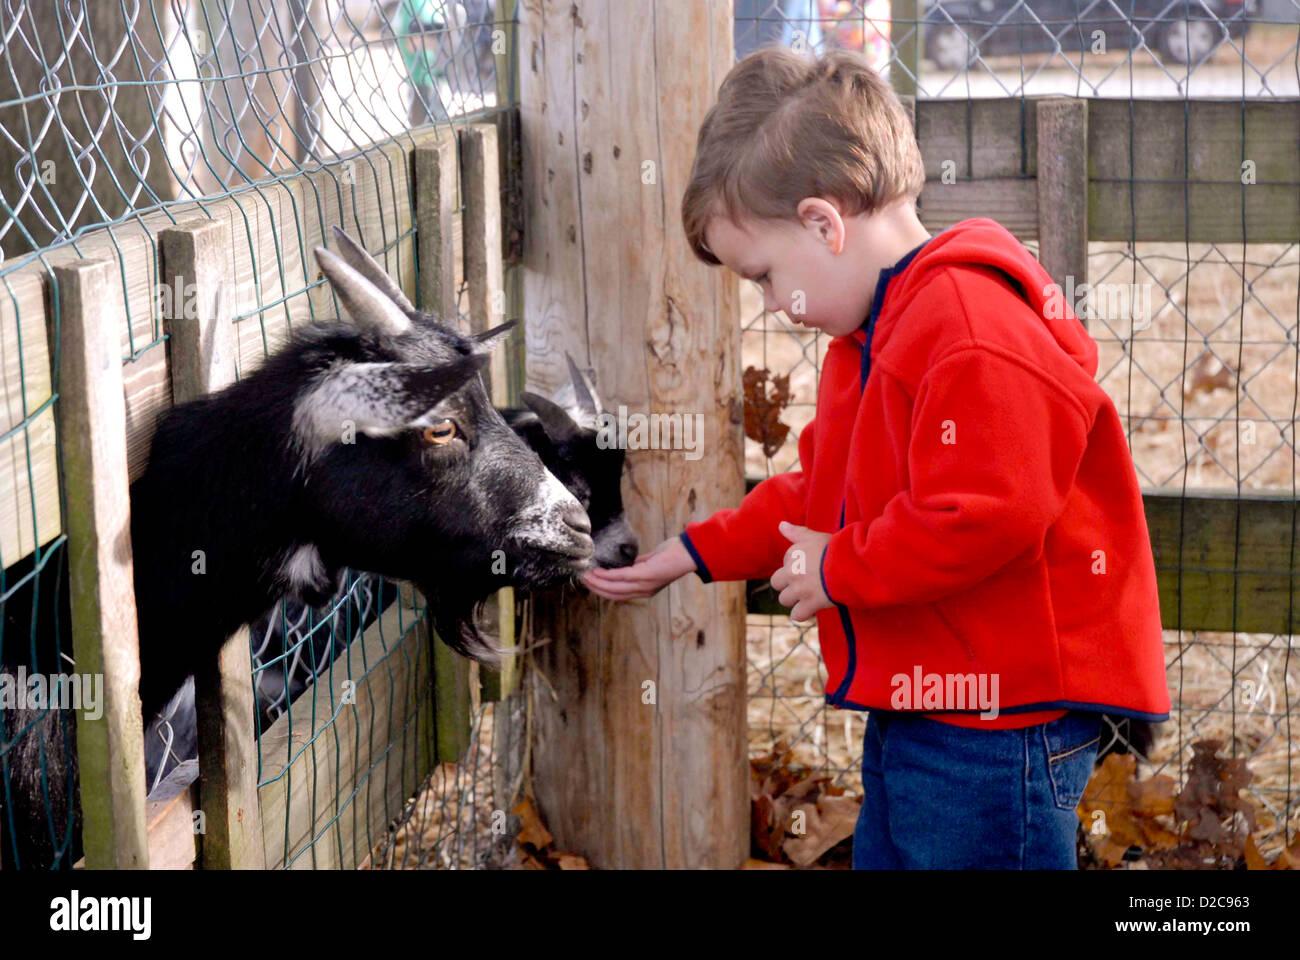 2 1/2-Year Old Boy, Massachusetts, Feeding Goat - Stock Image